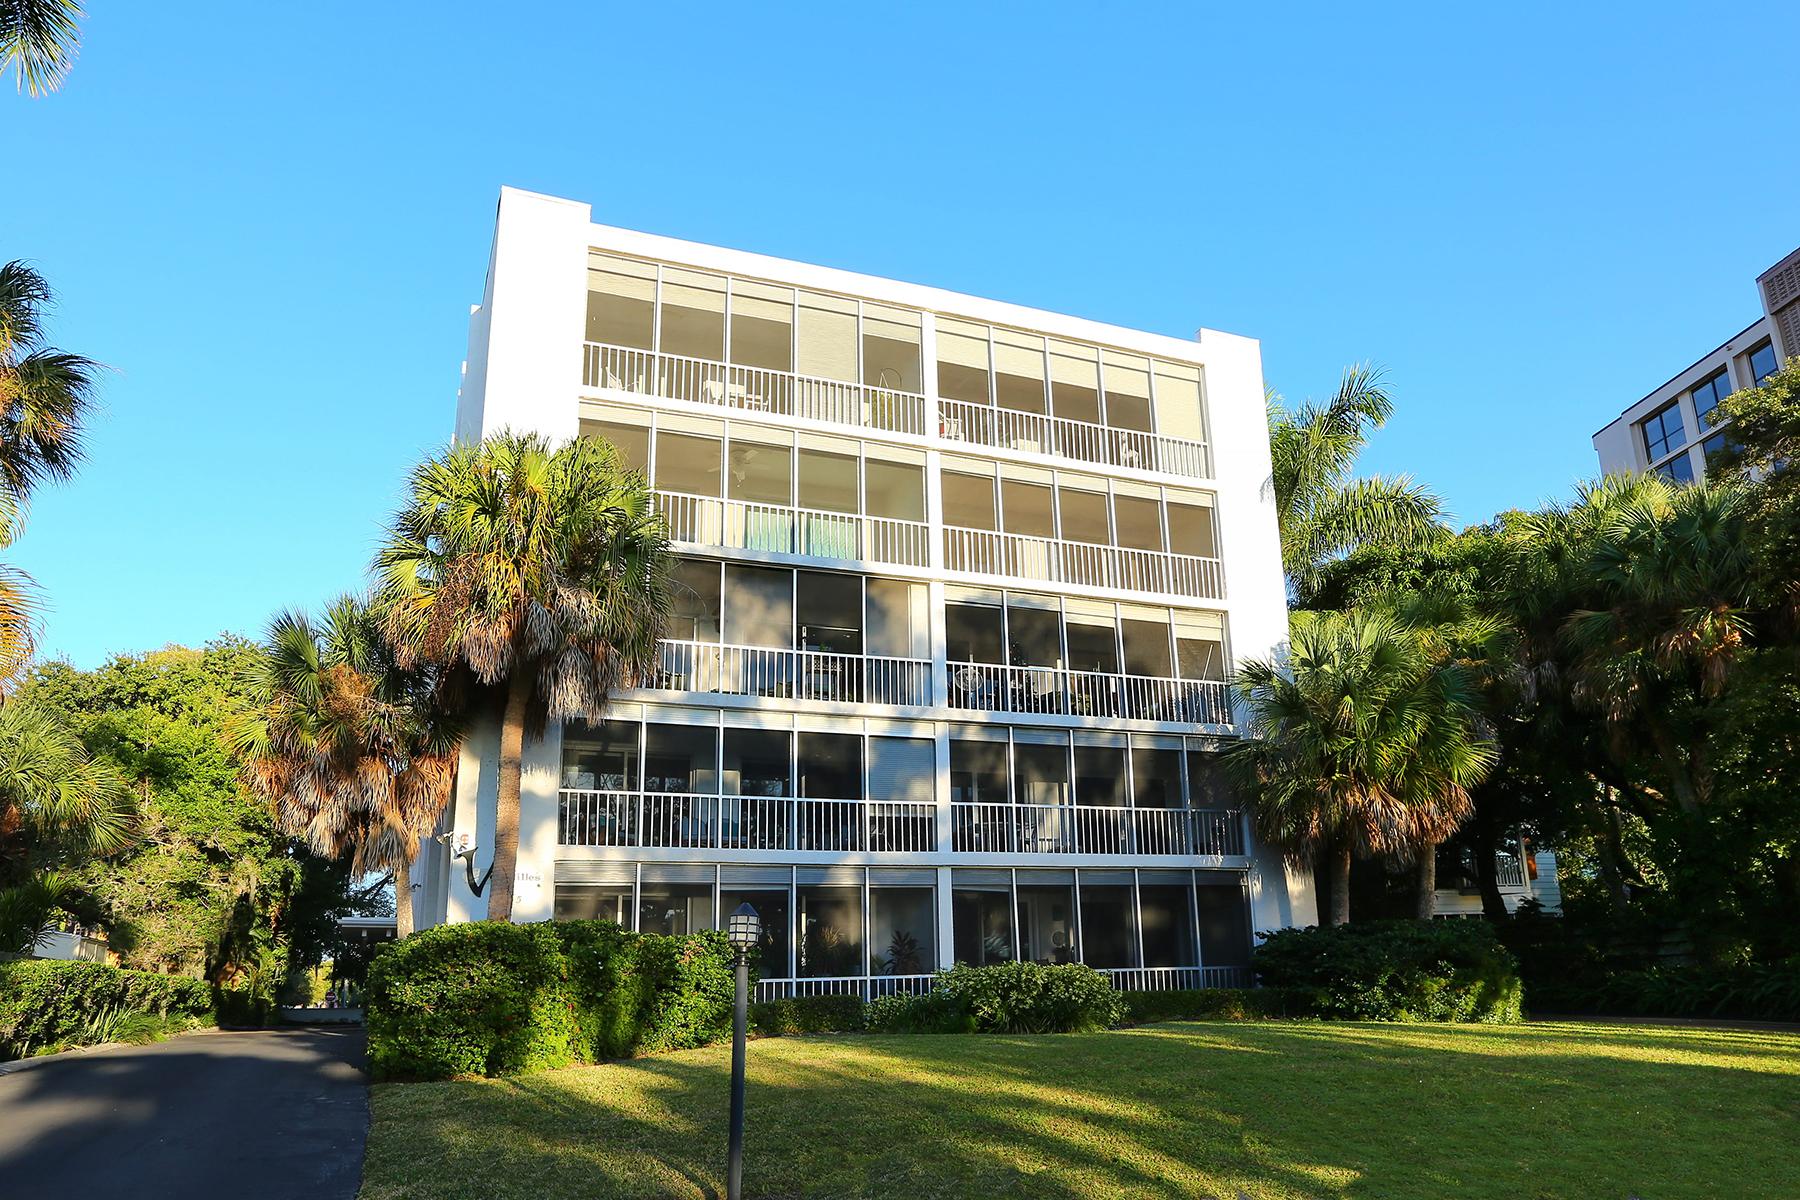 콘도미니엄 용 매매 에 DOWNTOWN SARASOTA 605 S Gulfstream Ave 4A Sarasota, 플로리다 34236 미국